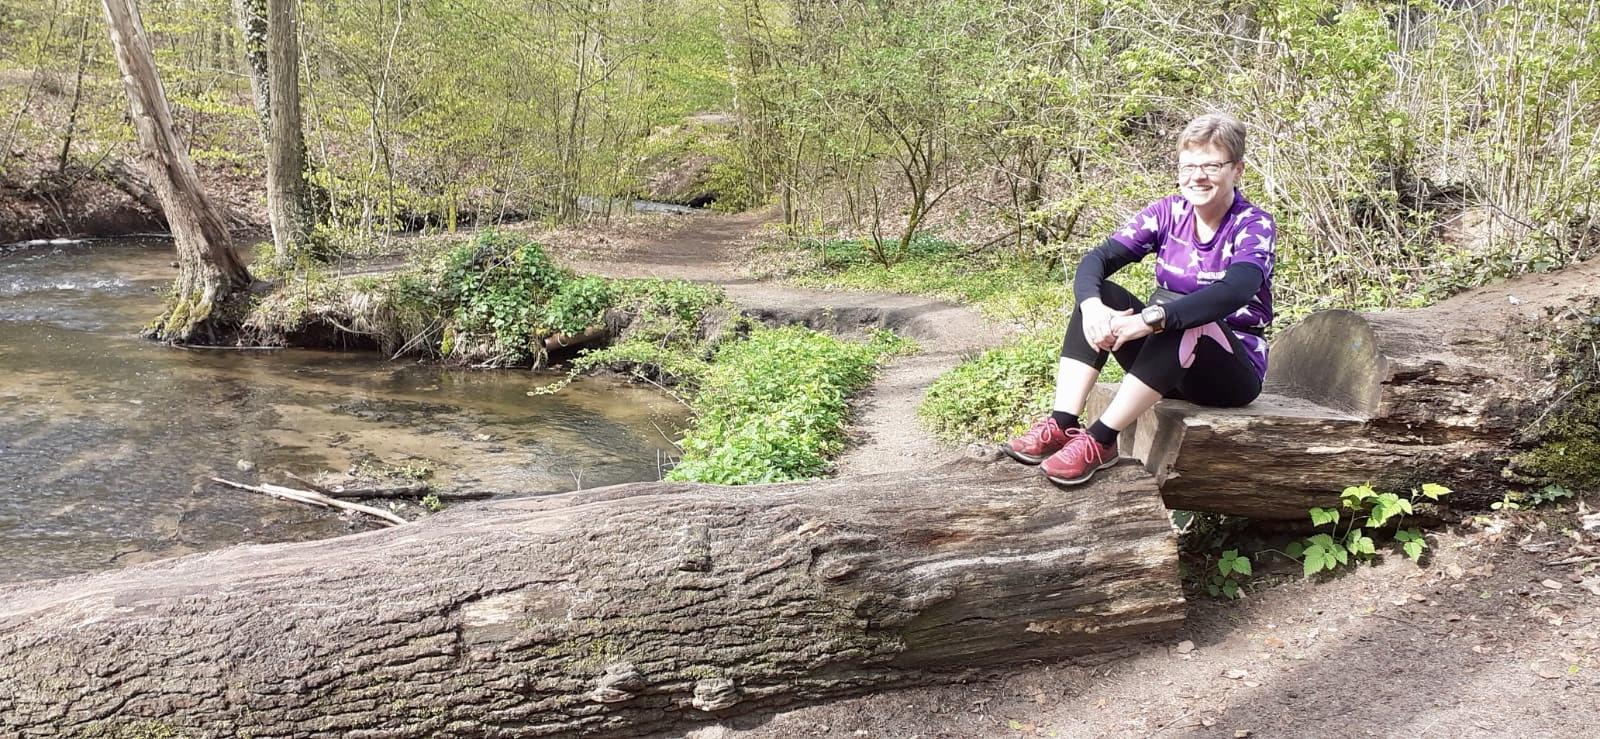 Oesterwinter-Suckow-Heide-17-Challenge-Nature-Run-Do6Hr